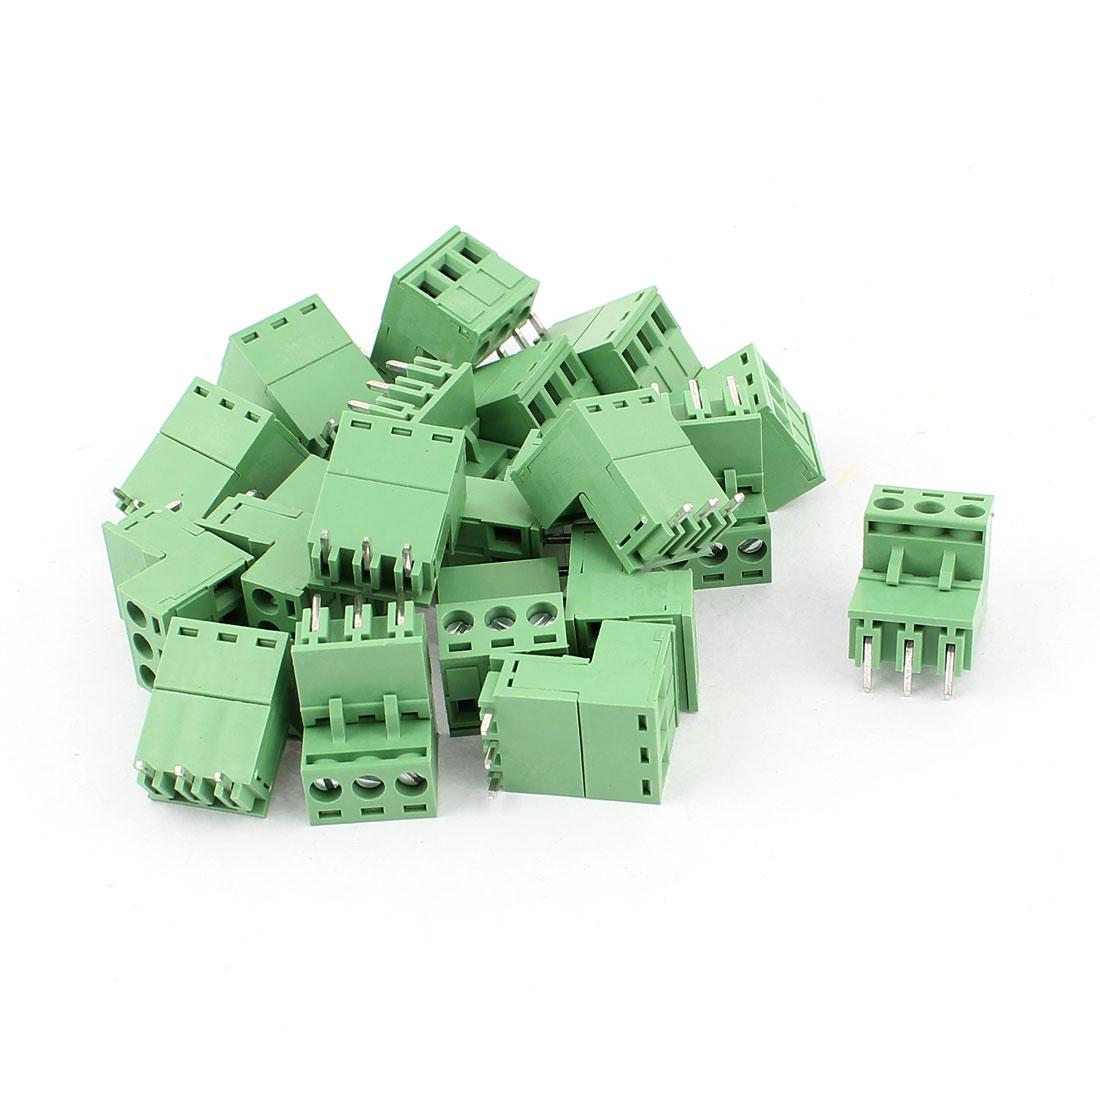 20 Pcs AC 300V 10A 3 Terminals PCB Block Connector 5.08mm Pitch Green